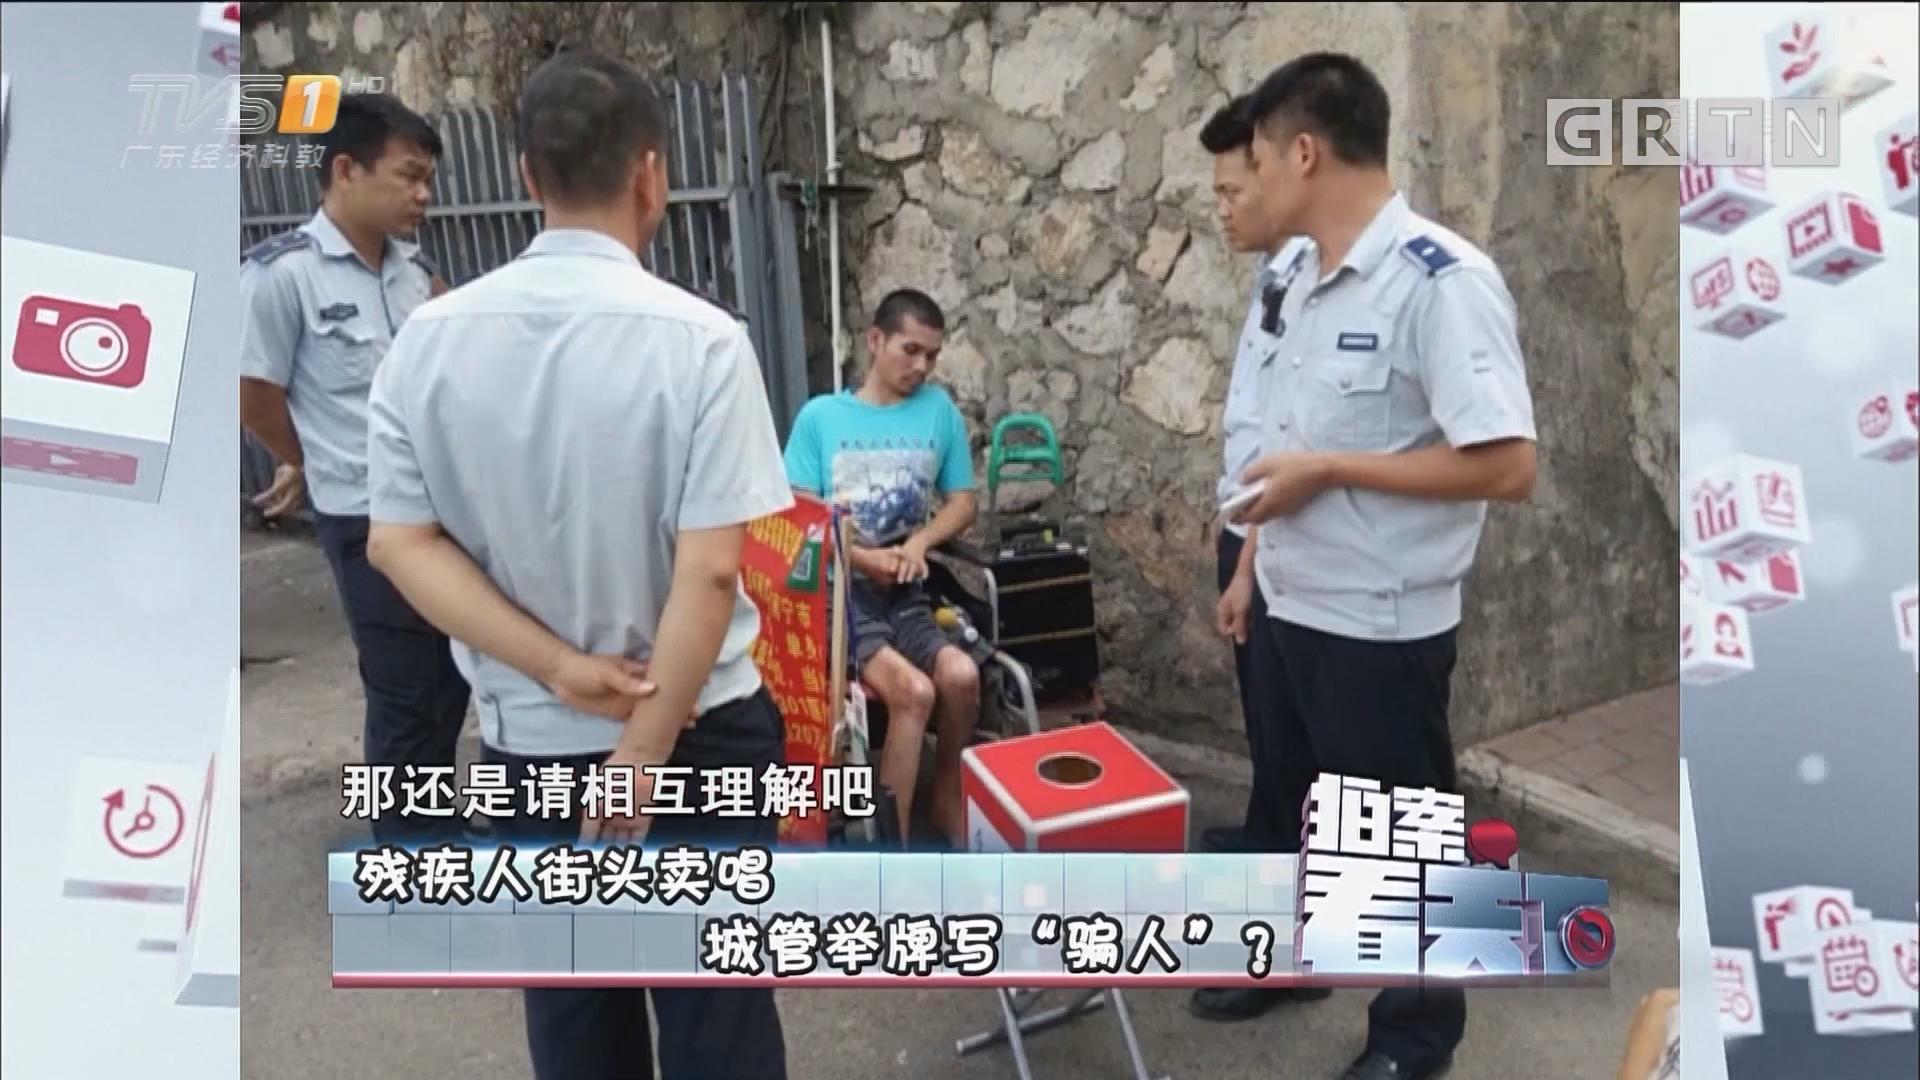 """[HD][2017-06-27]拍案看天下:残疾人街头卖唱 城管举牌写""""骗人""""?"""